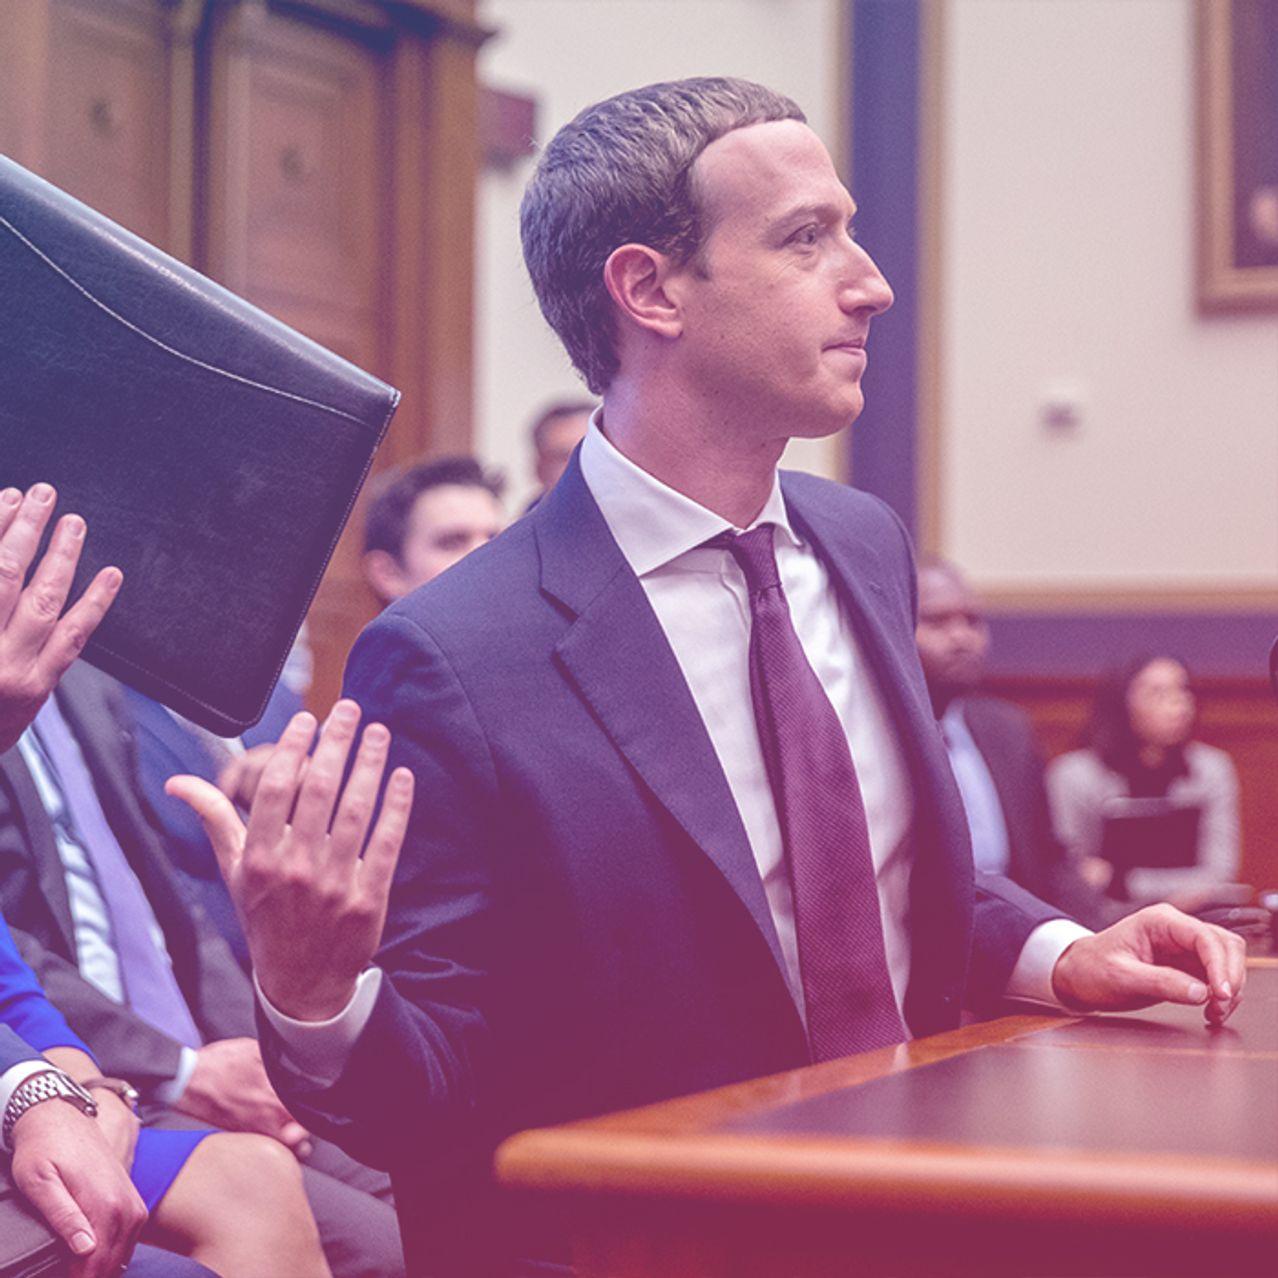 Cú lừa kiểm soát nội dung bằng AI của Facebook